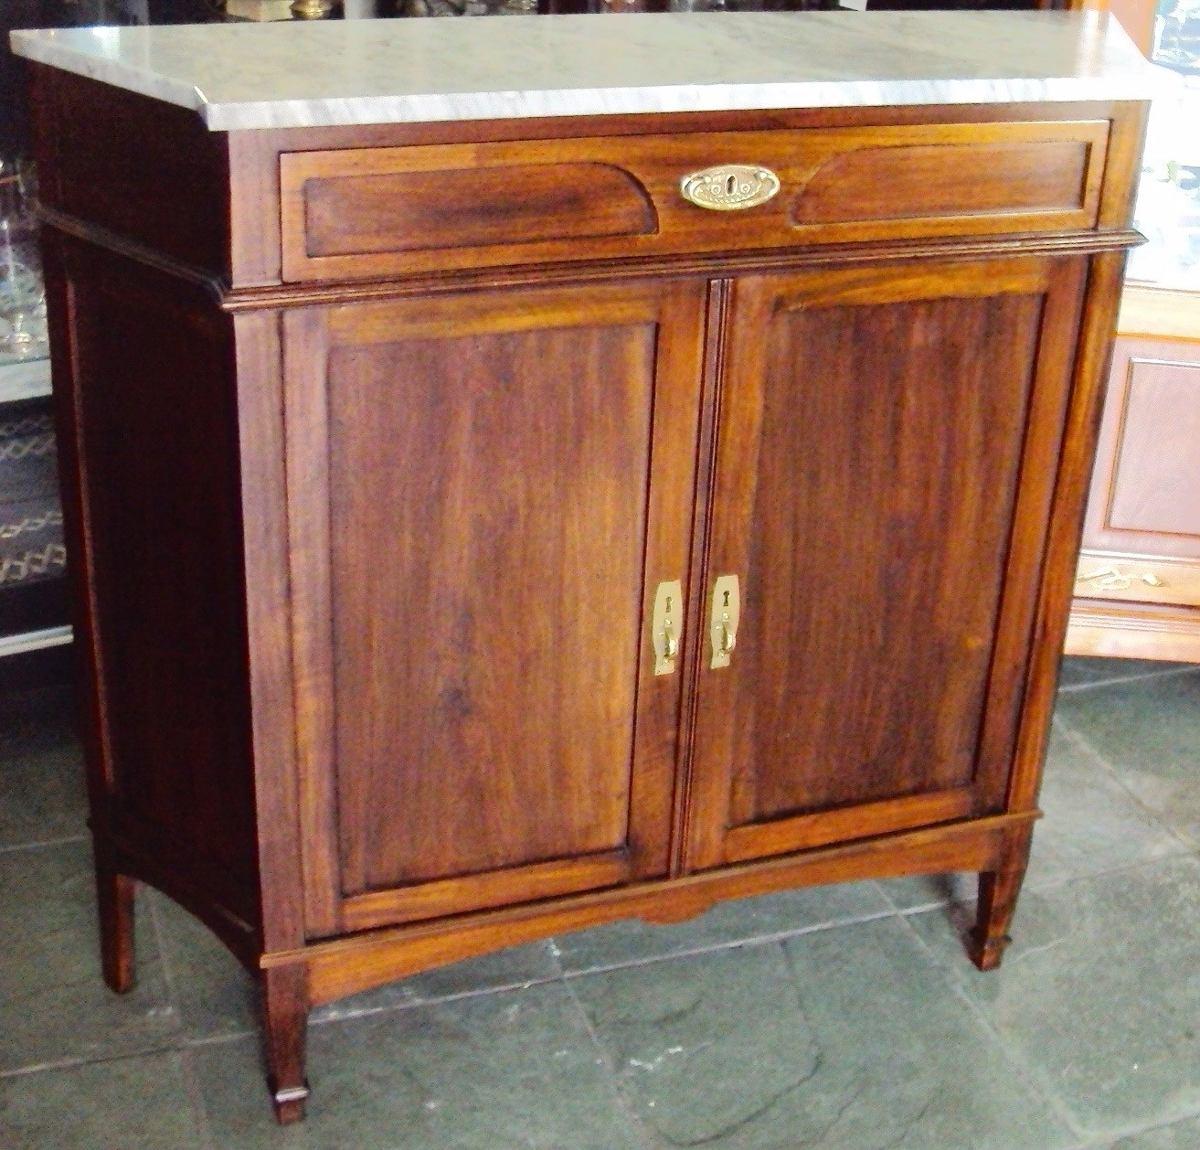 Aparador ou balc o antigo art dec madeira cedro angulado r em mercado livre - Aparador art deco ...